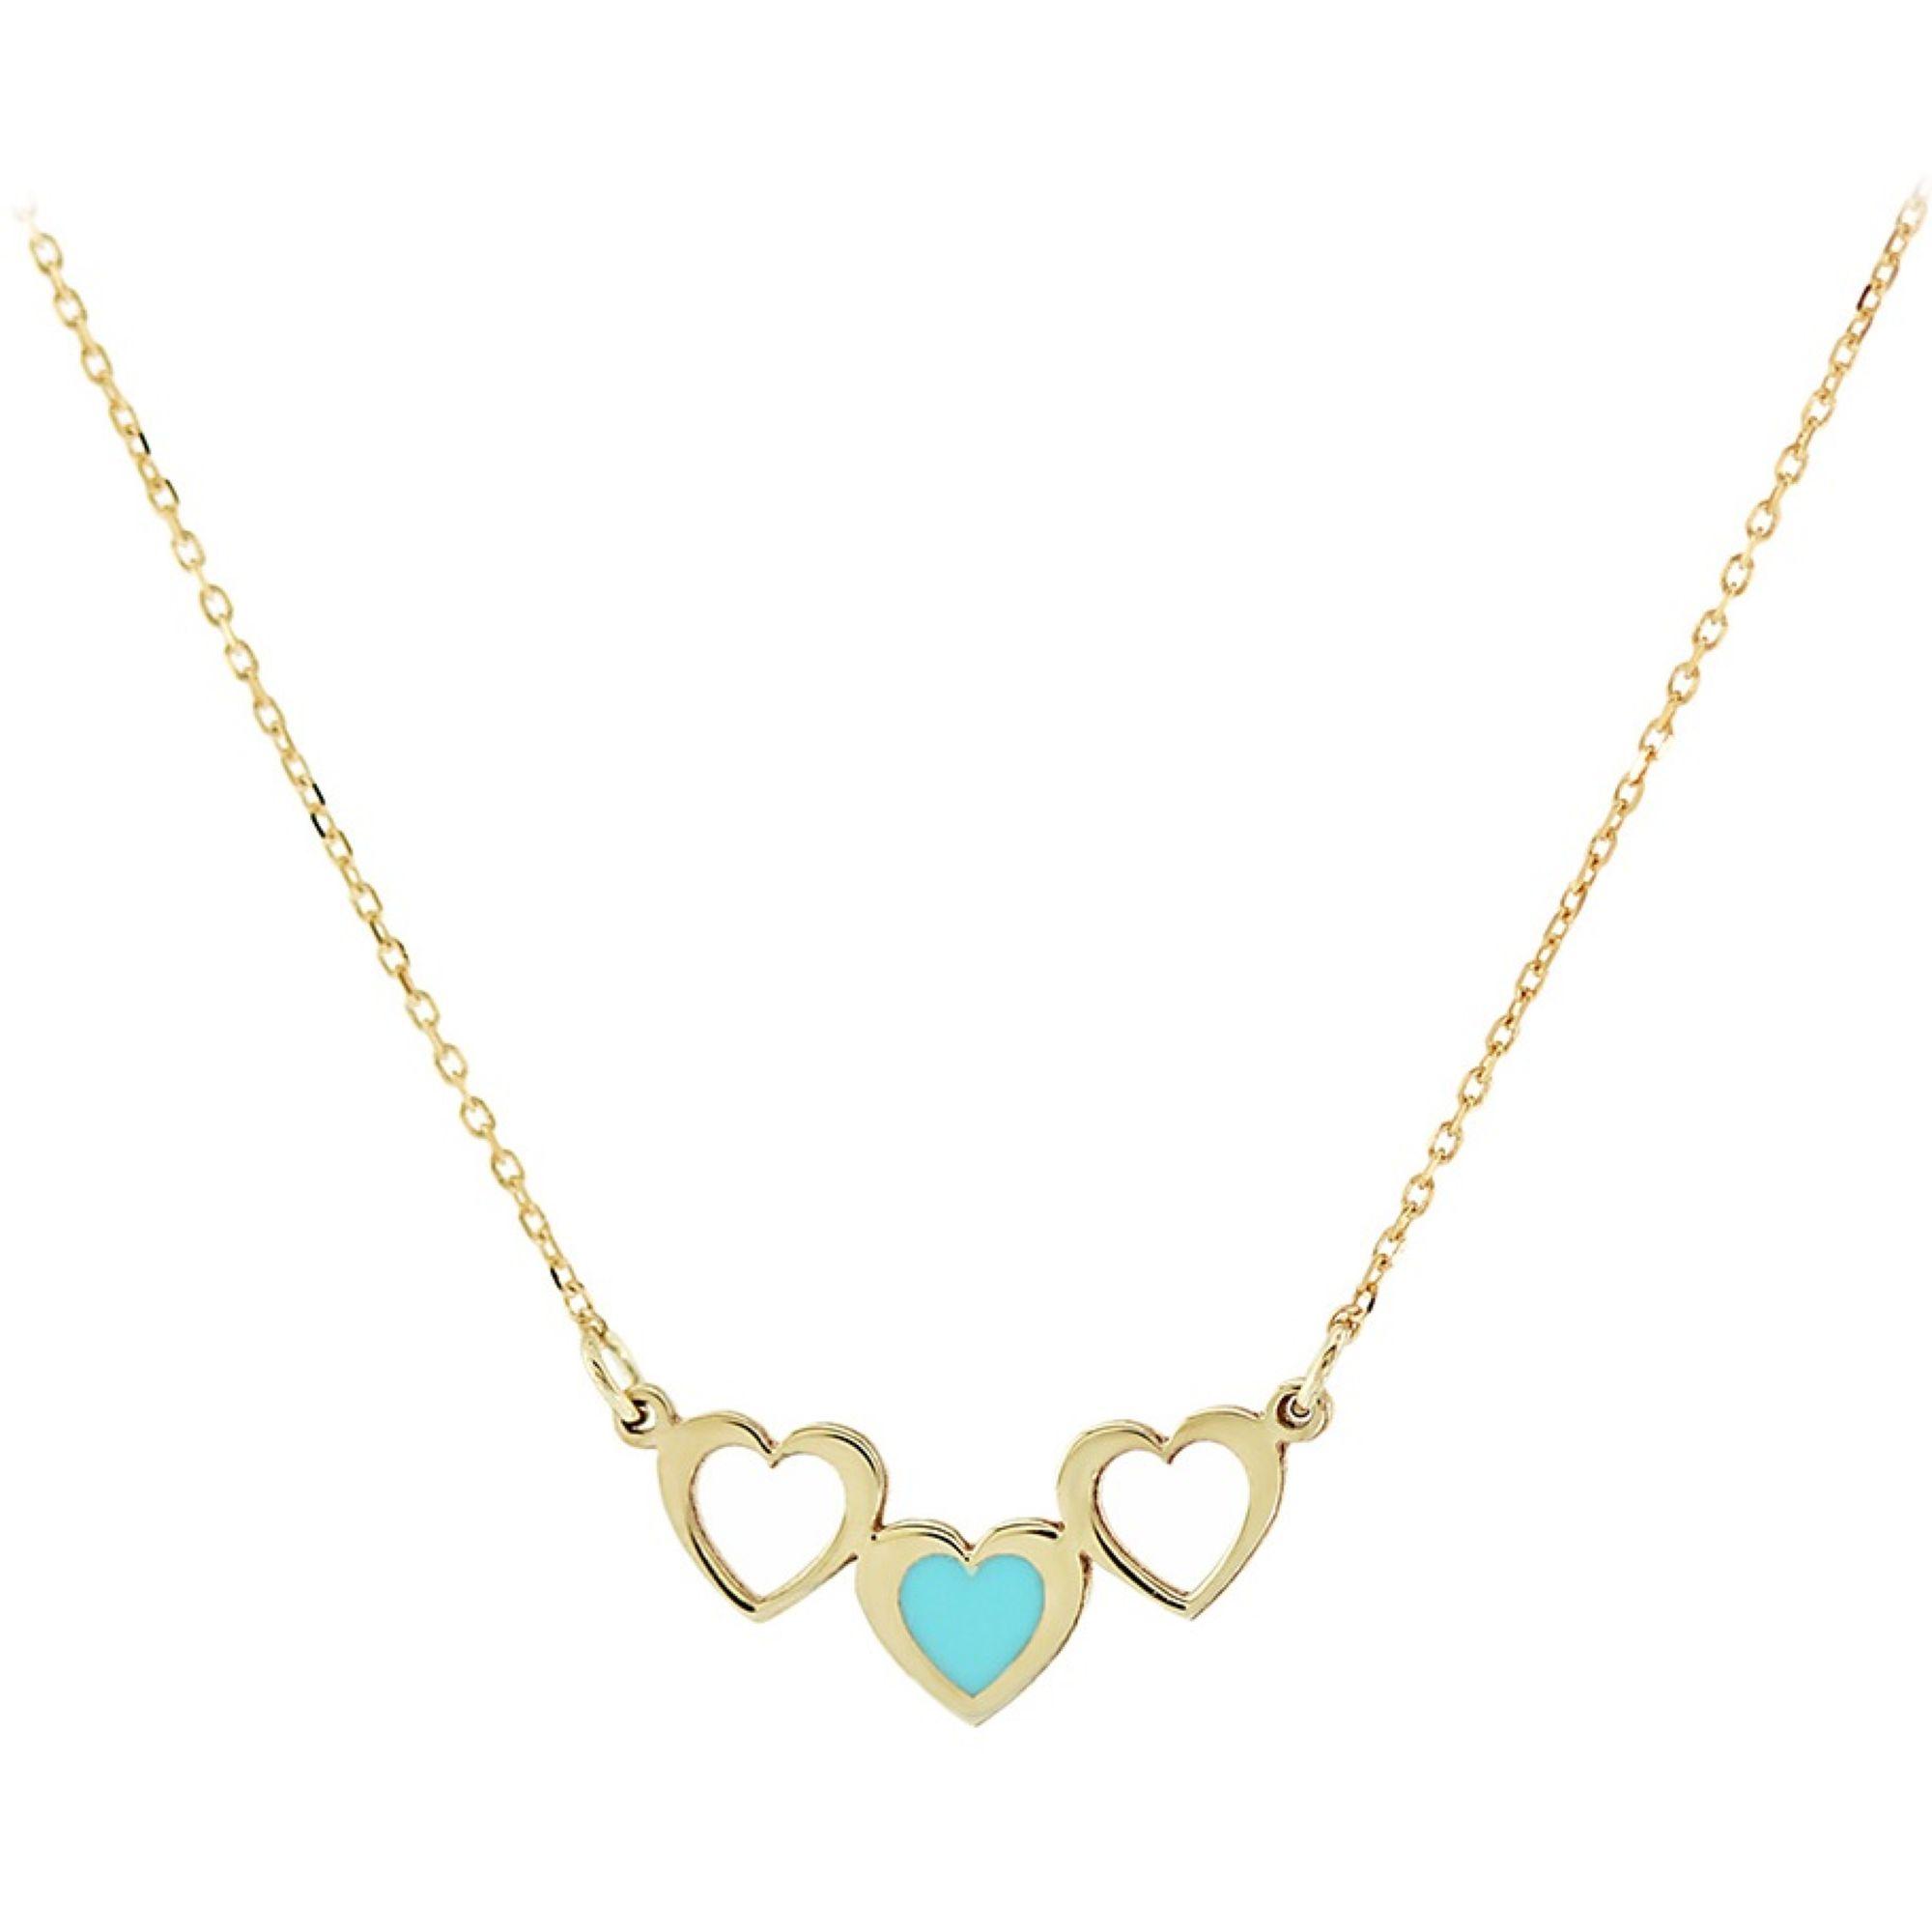 Χρυσό κολιέ 9 καρατίων από κίτρινο χρυσό, στολισμένο με 3 καρδιές.